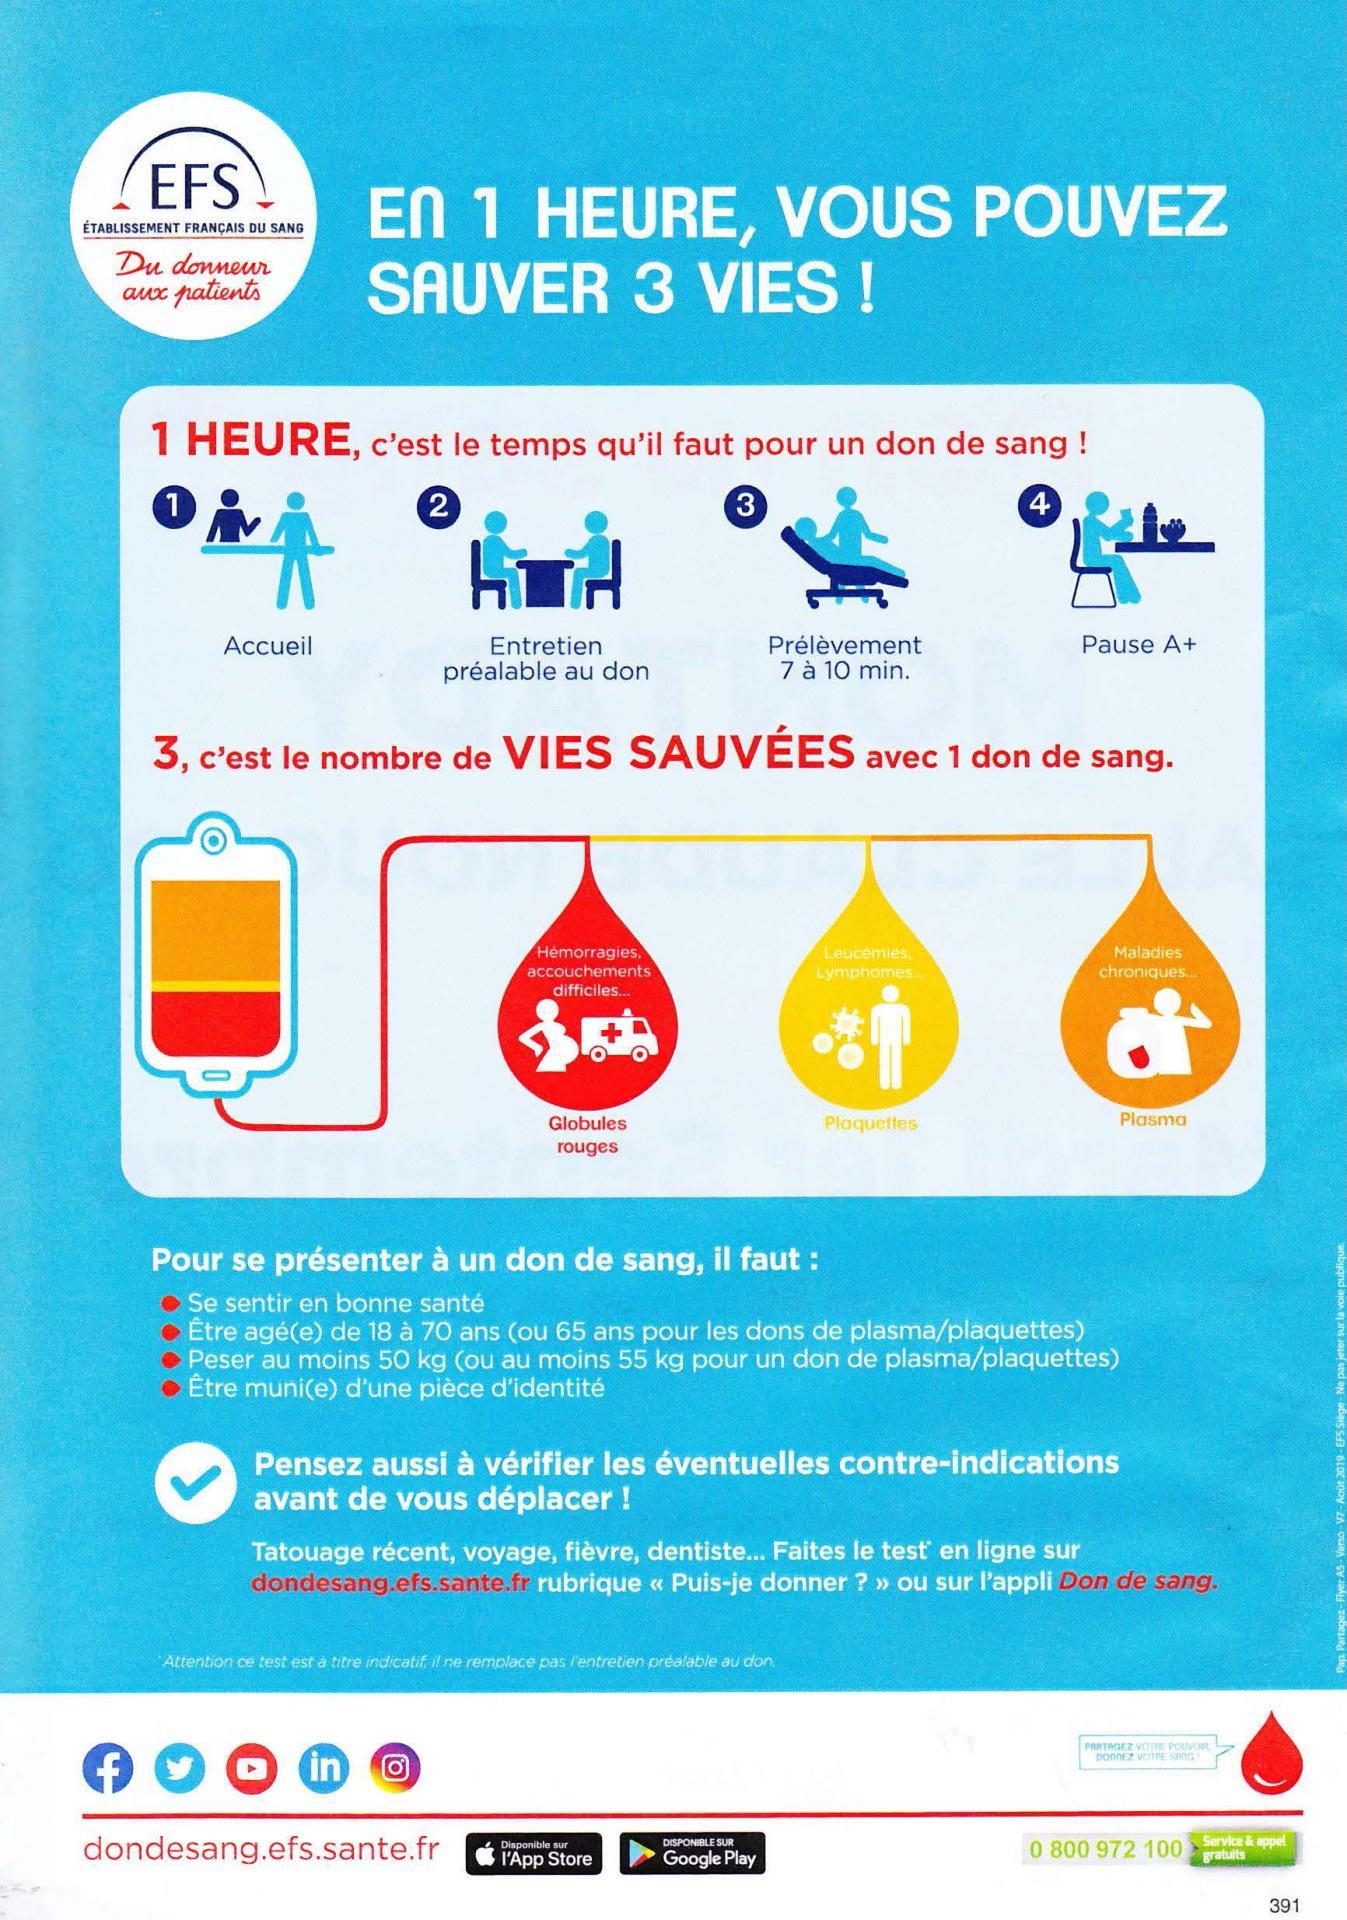 Visuel sauver 3 vies en 1 heure 1